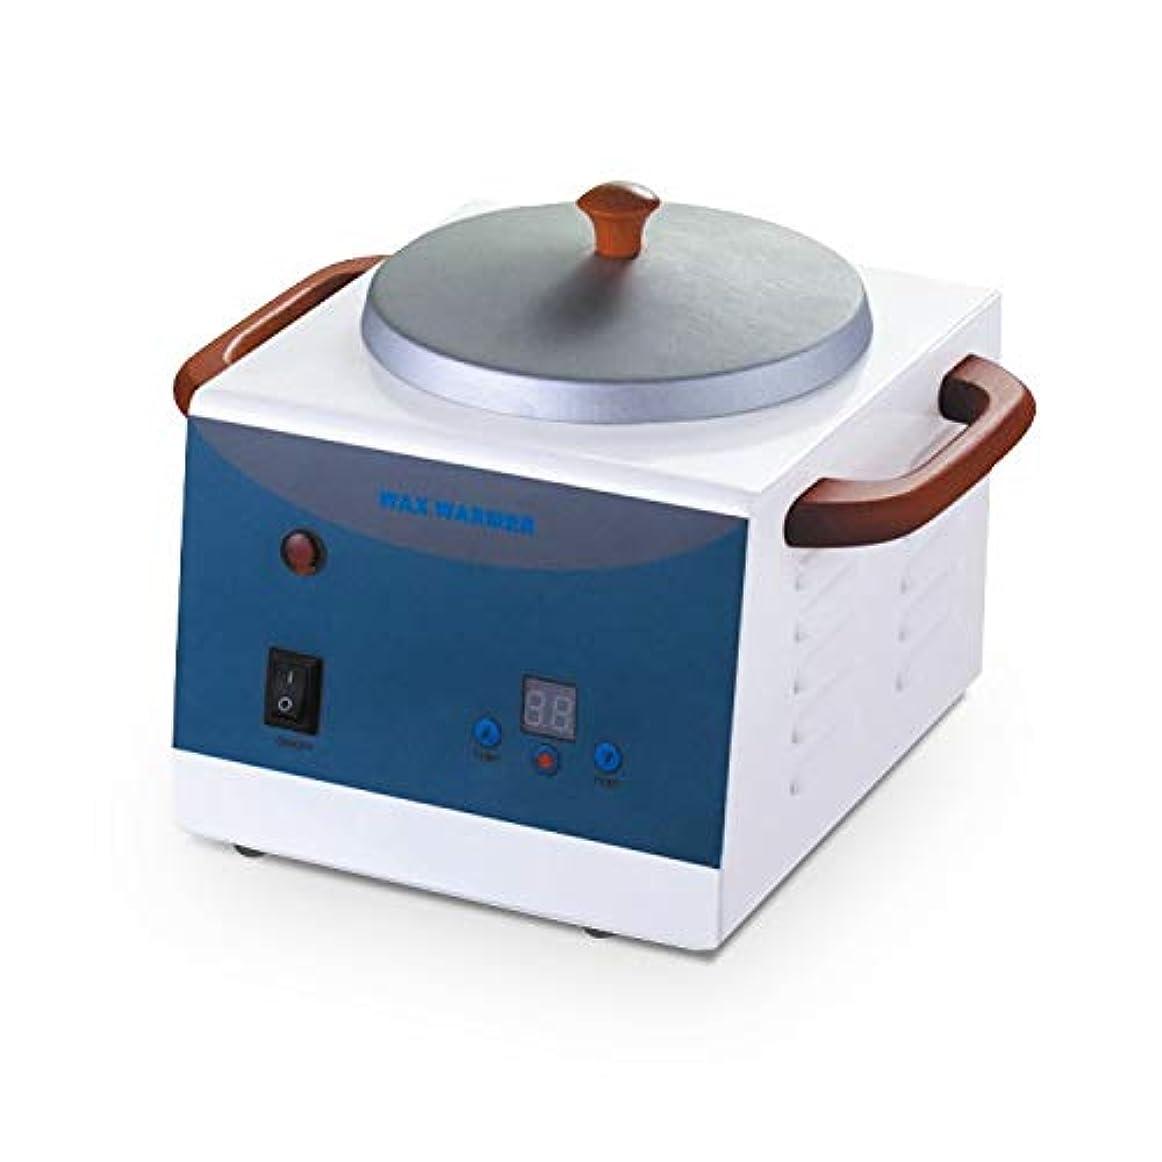 港コンソールカプセル500ML美容ワックスヒーターポット、ワックスウォーマー、プロフェッショナルサロンスパツールメルティングポット、調節可能な温度